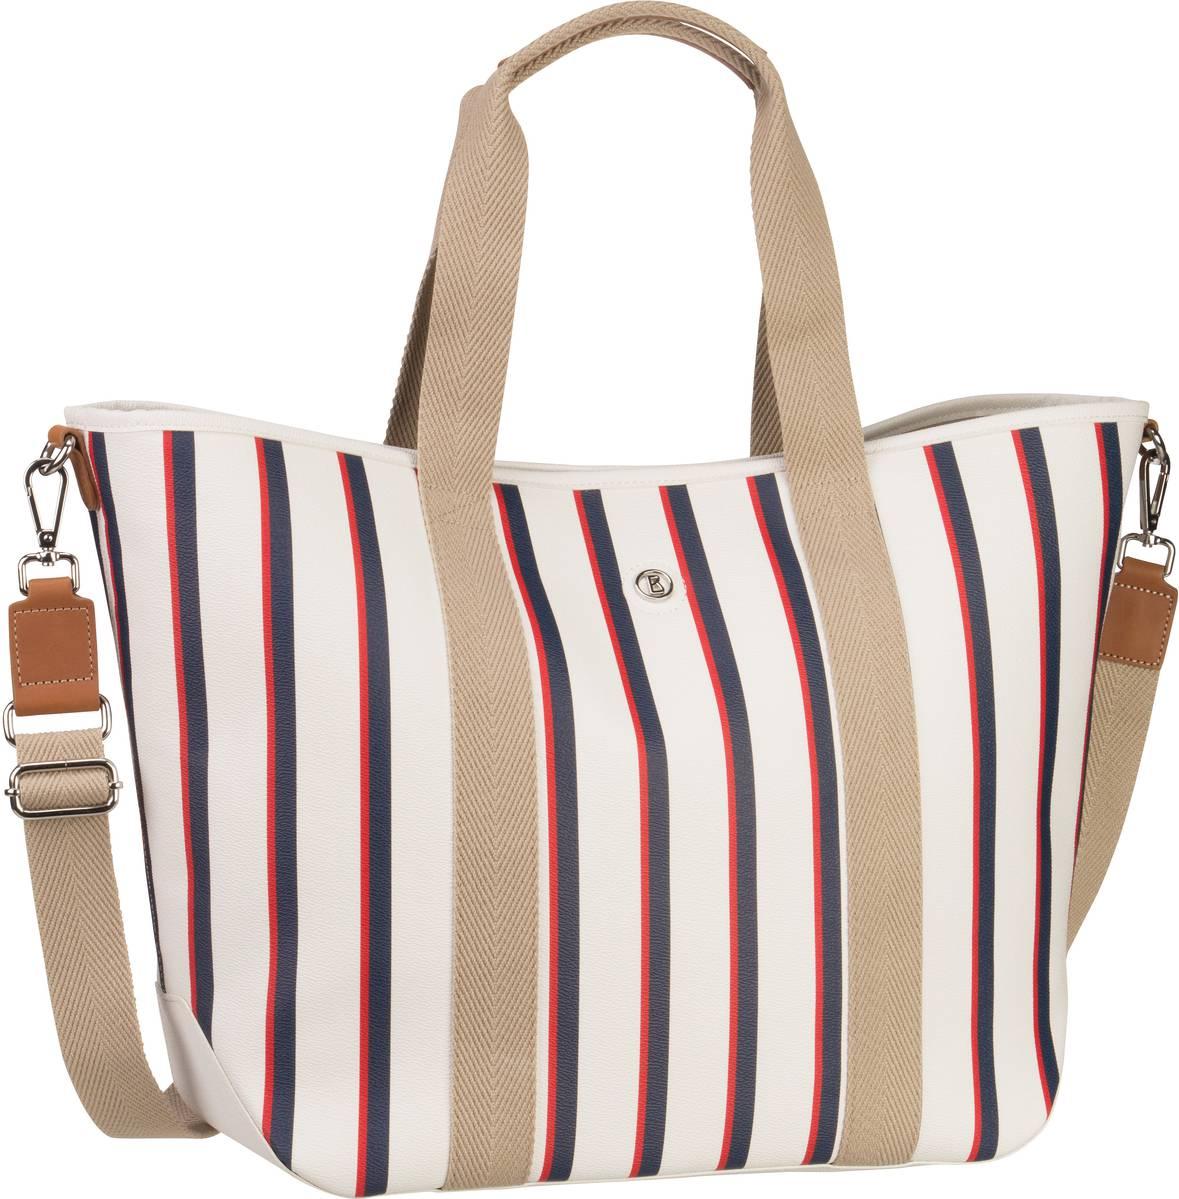 Handtaschen für Frauen - Bogner Long Island Lala Stripes (innen Beige) Handtasche  - Onlineshop Taschenkaufhaus